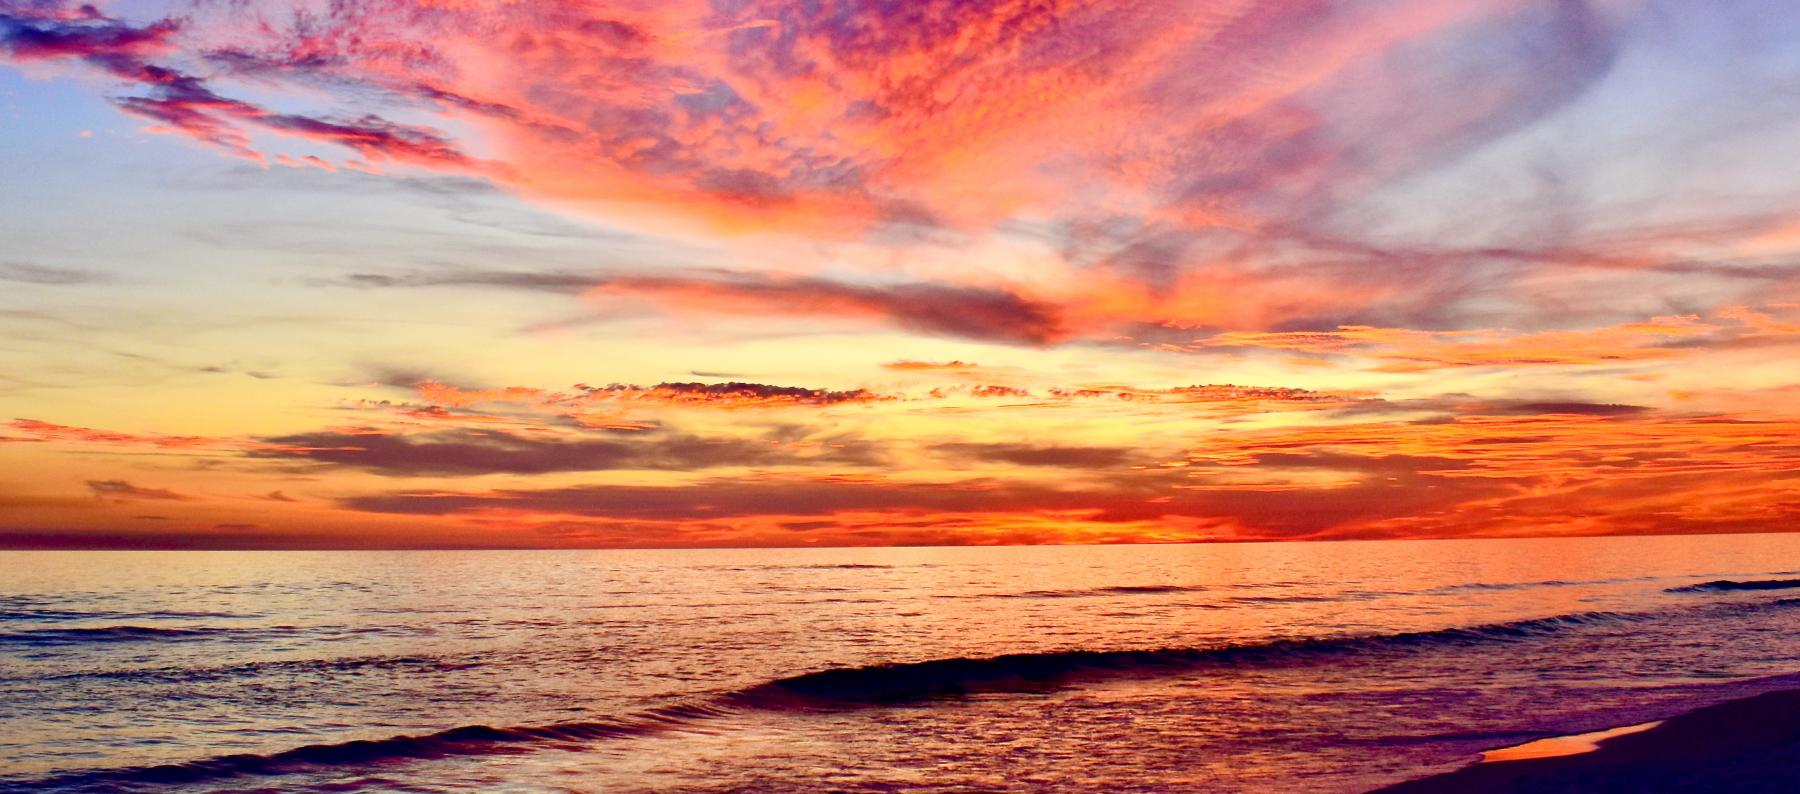 Fall in Seaside, Florida